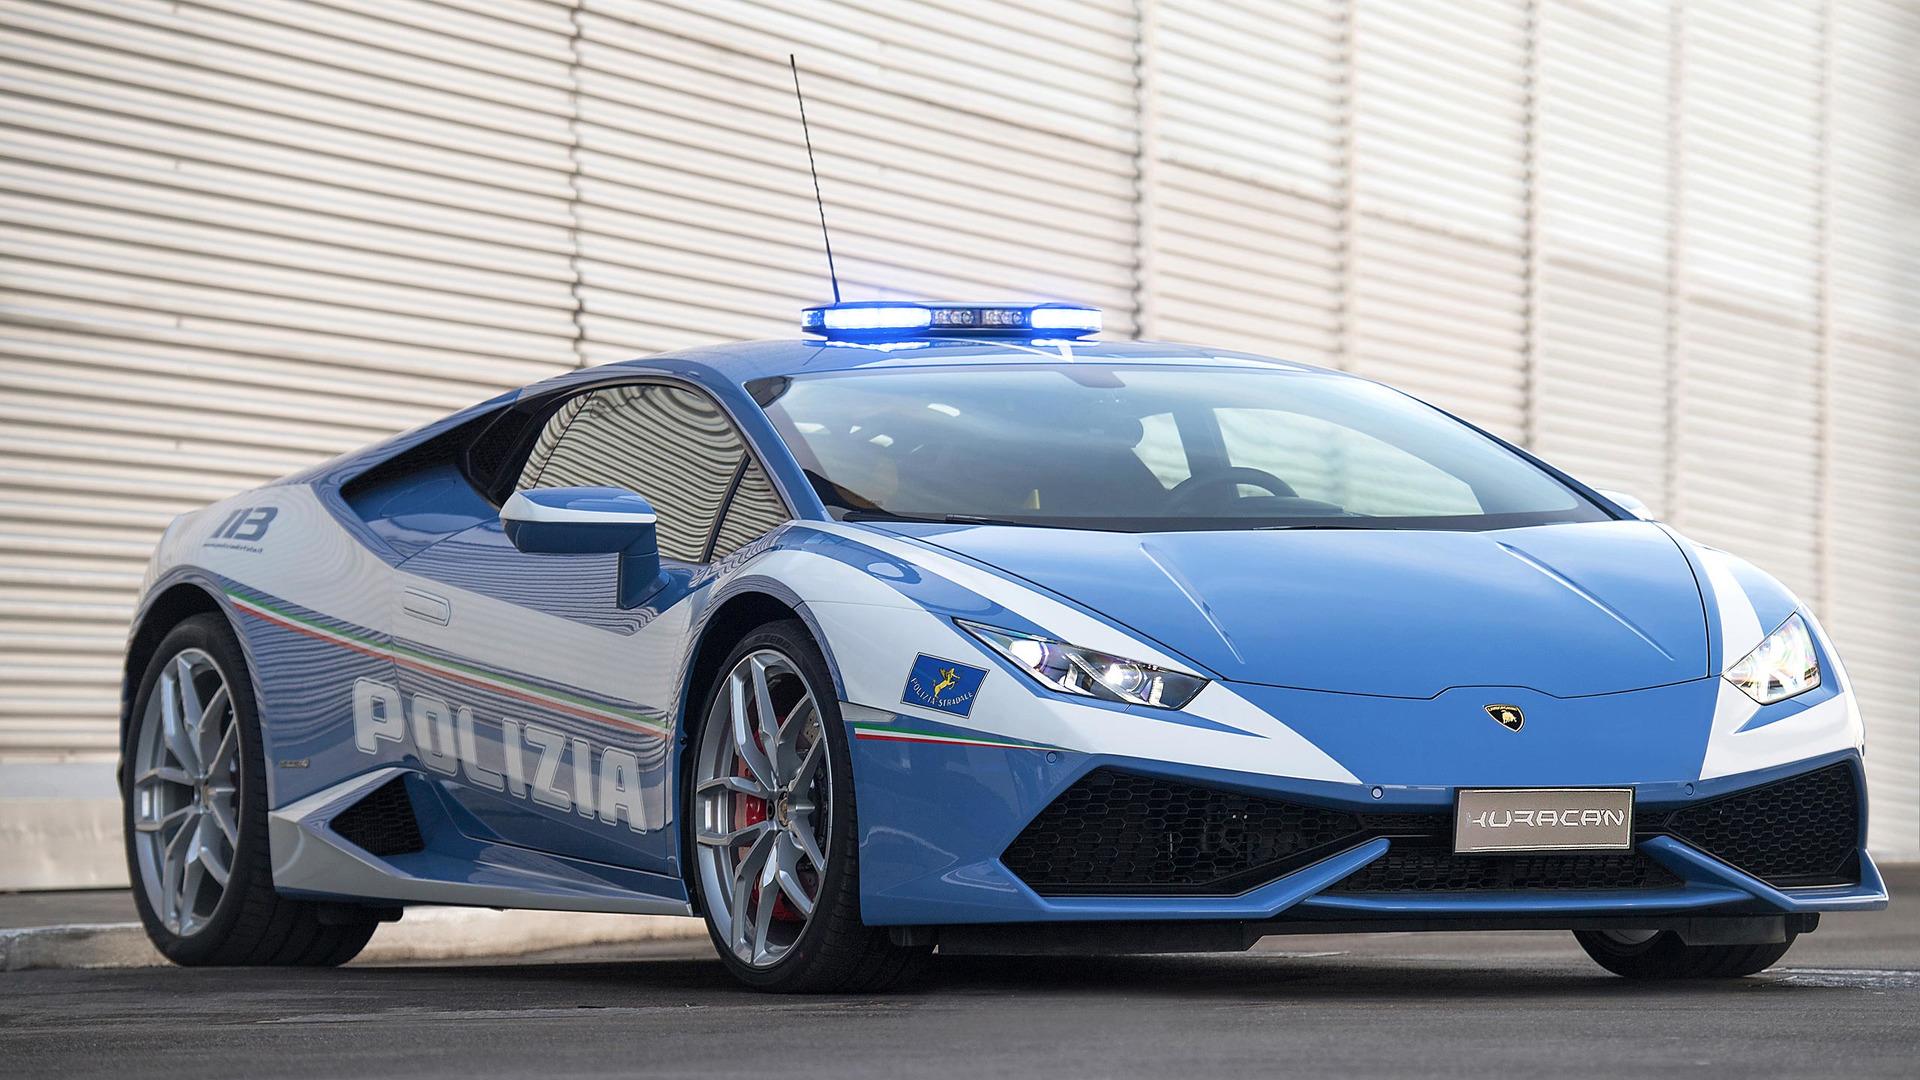 Lamborghini Huracán de Polícia